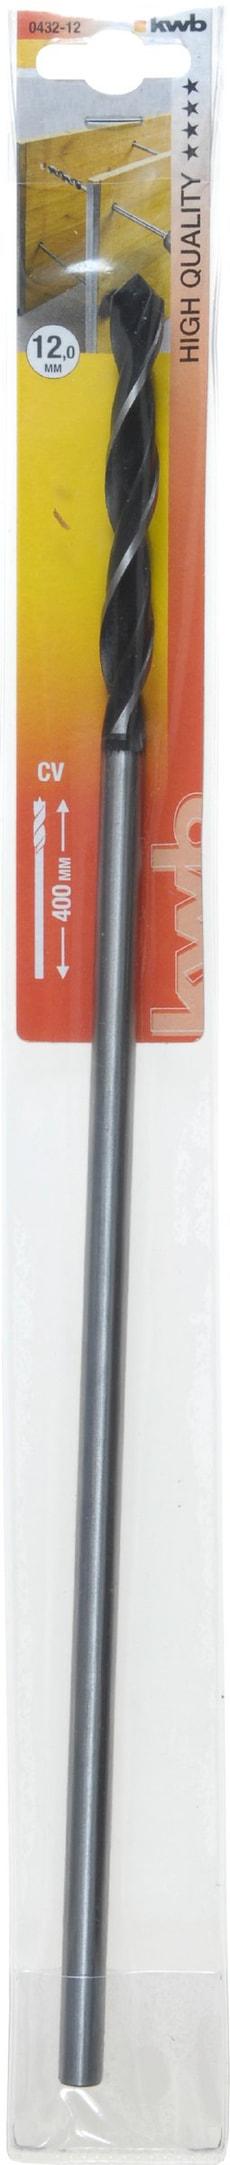 Holz Schalungsbohrer, 400 mm, ø 12 mm